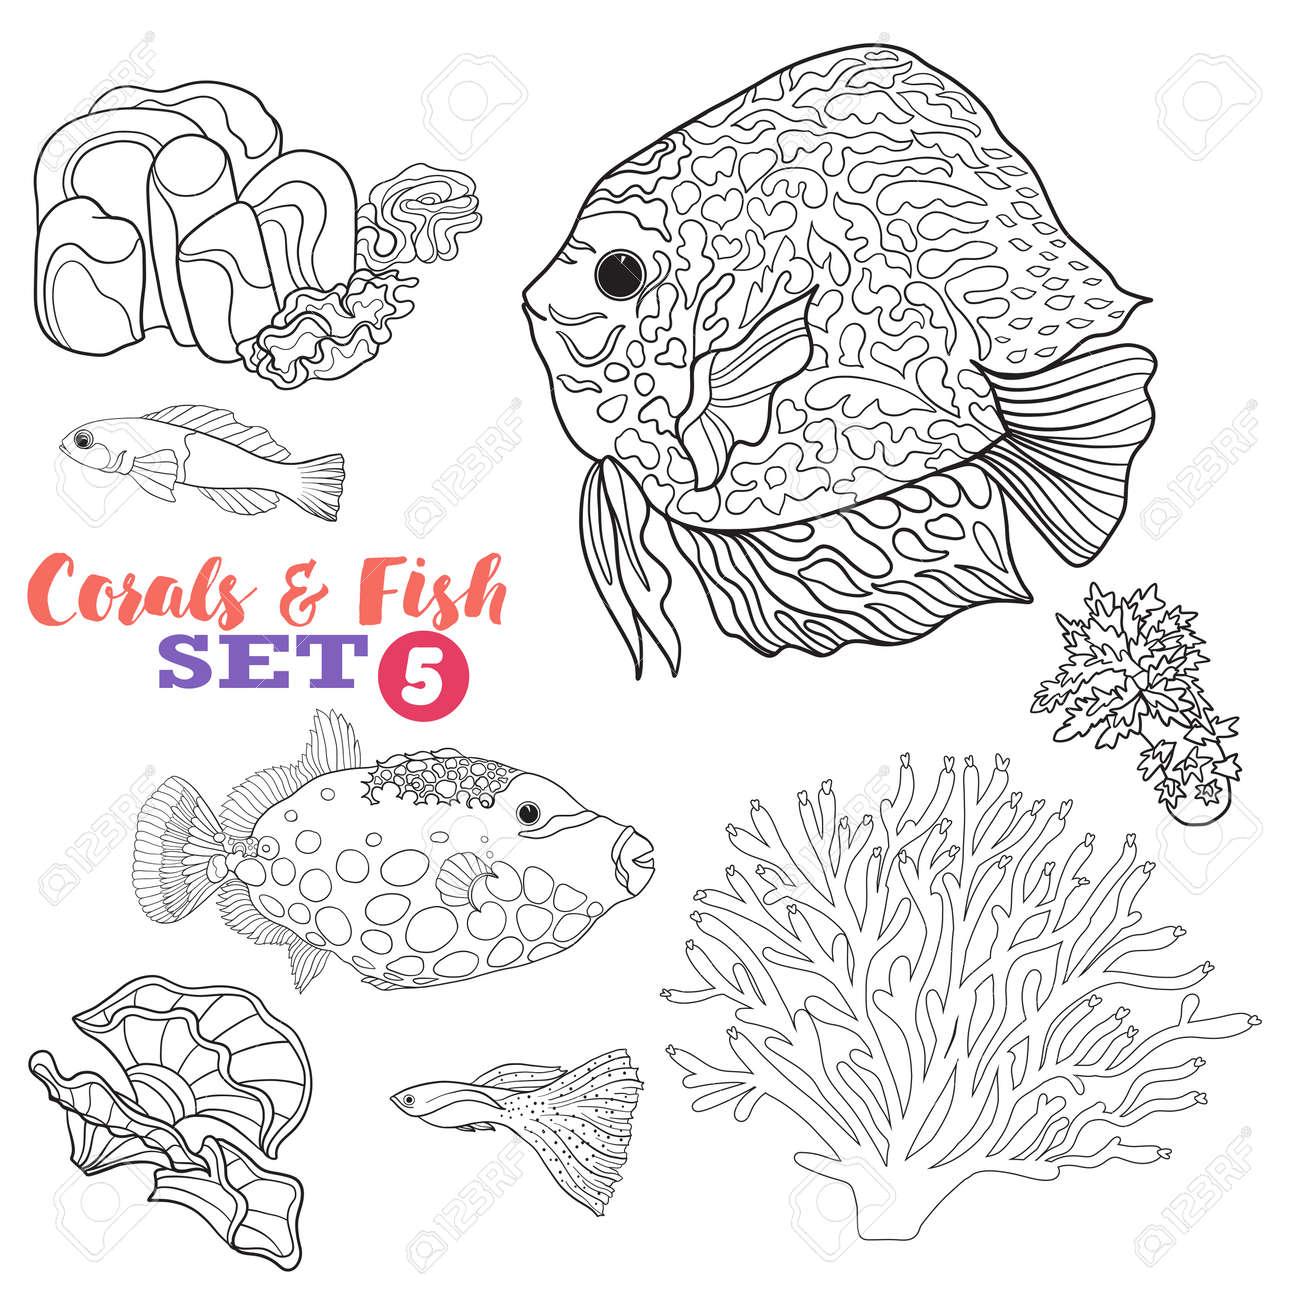 Encantador Peces De Arrecife De Coral Para Colorear Fotos - Dibujos ...